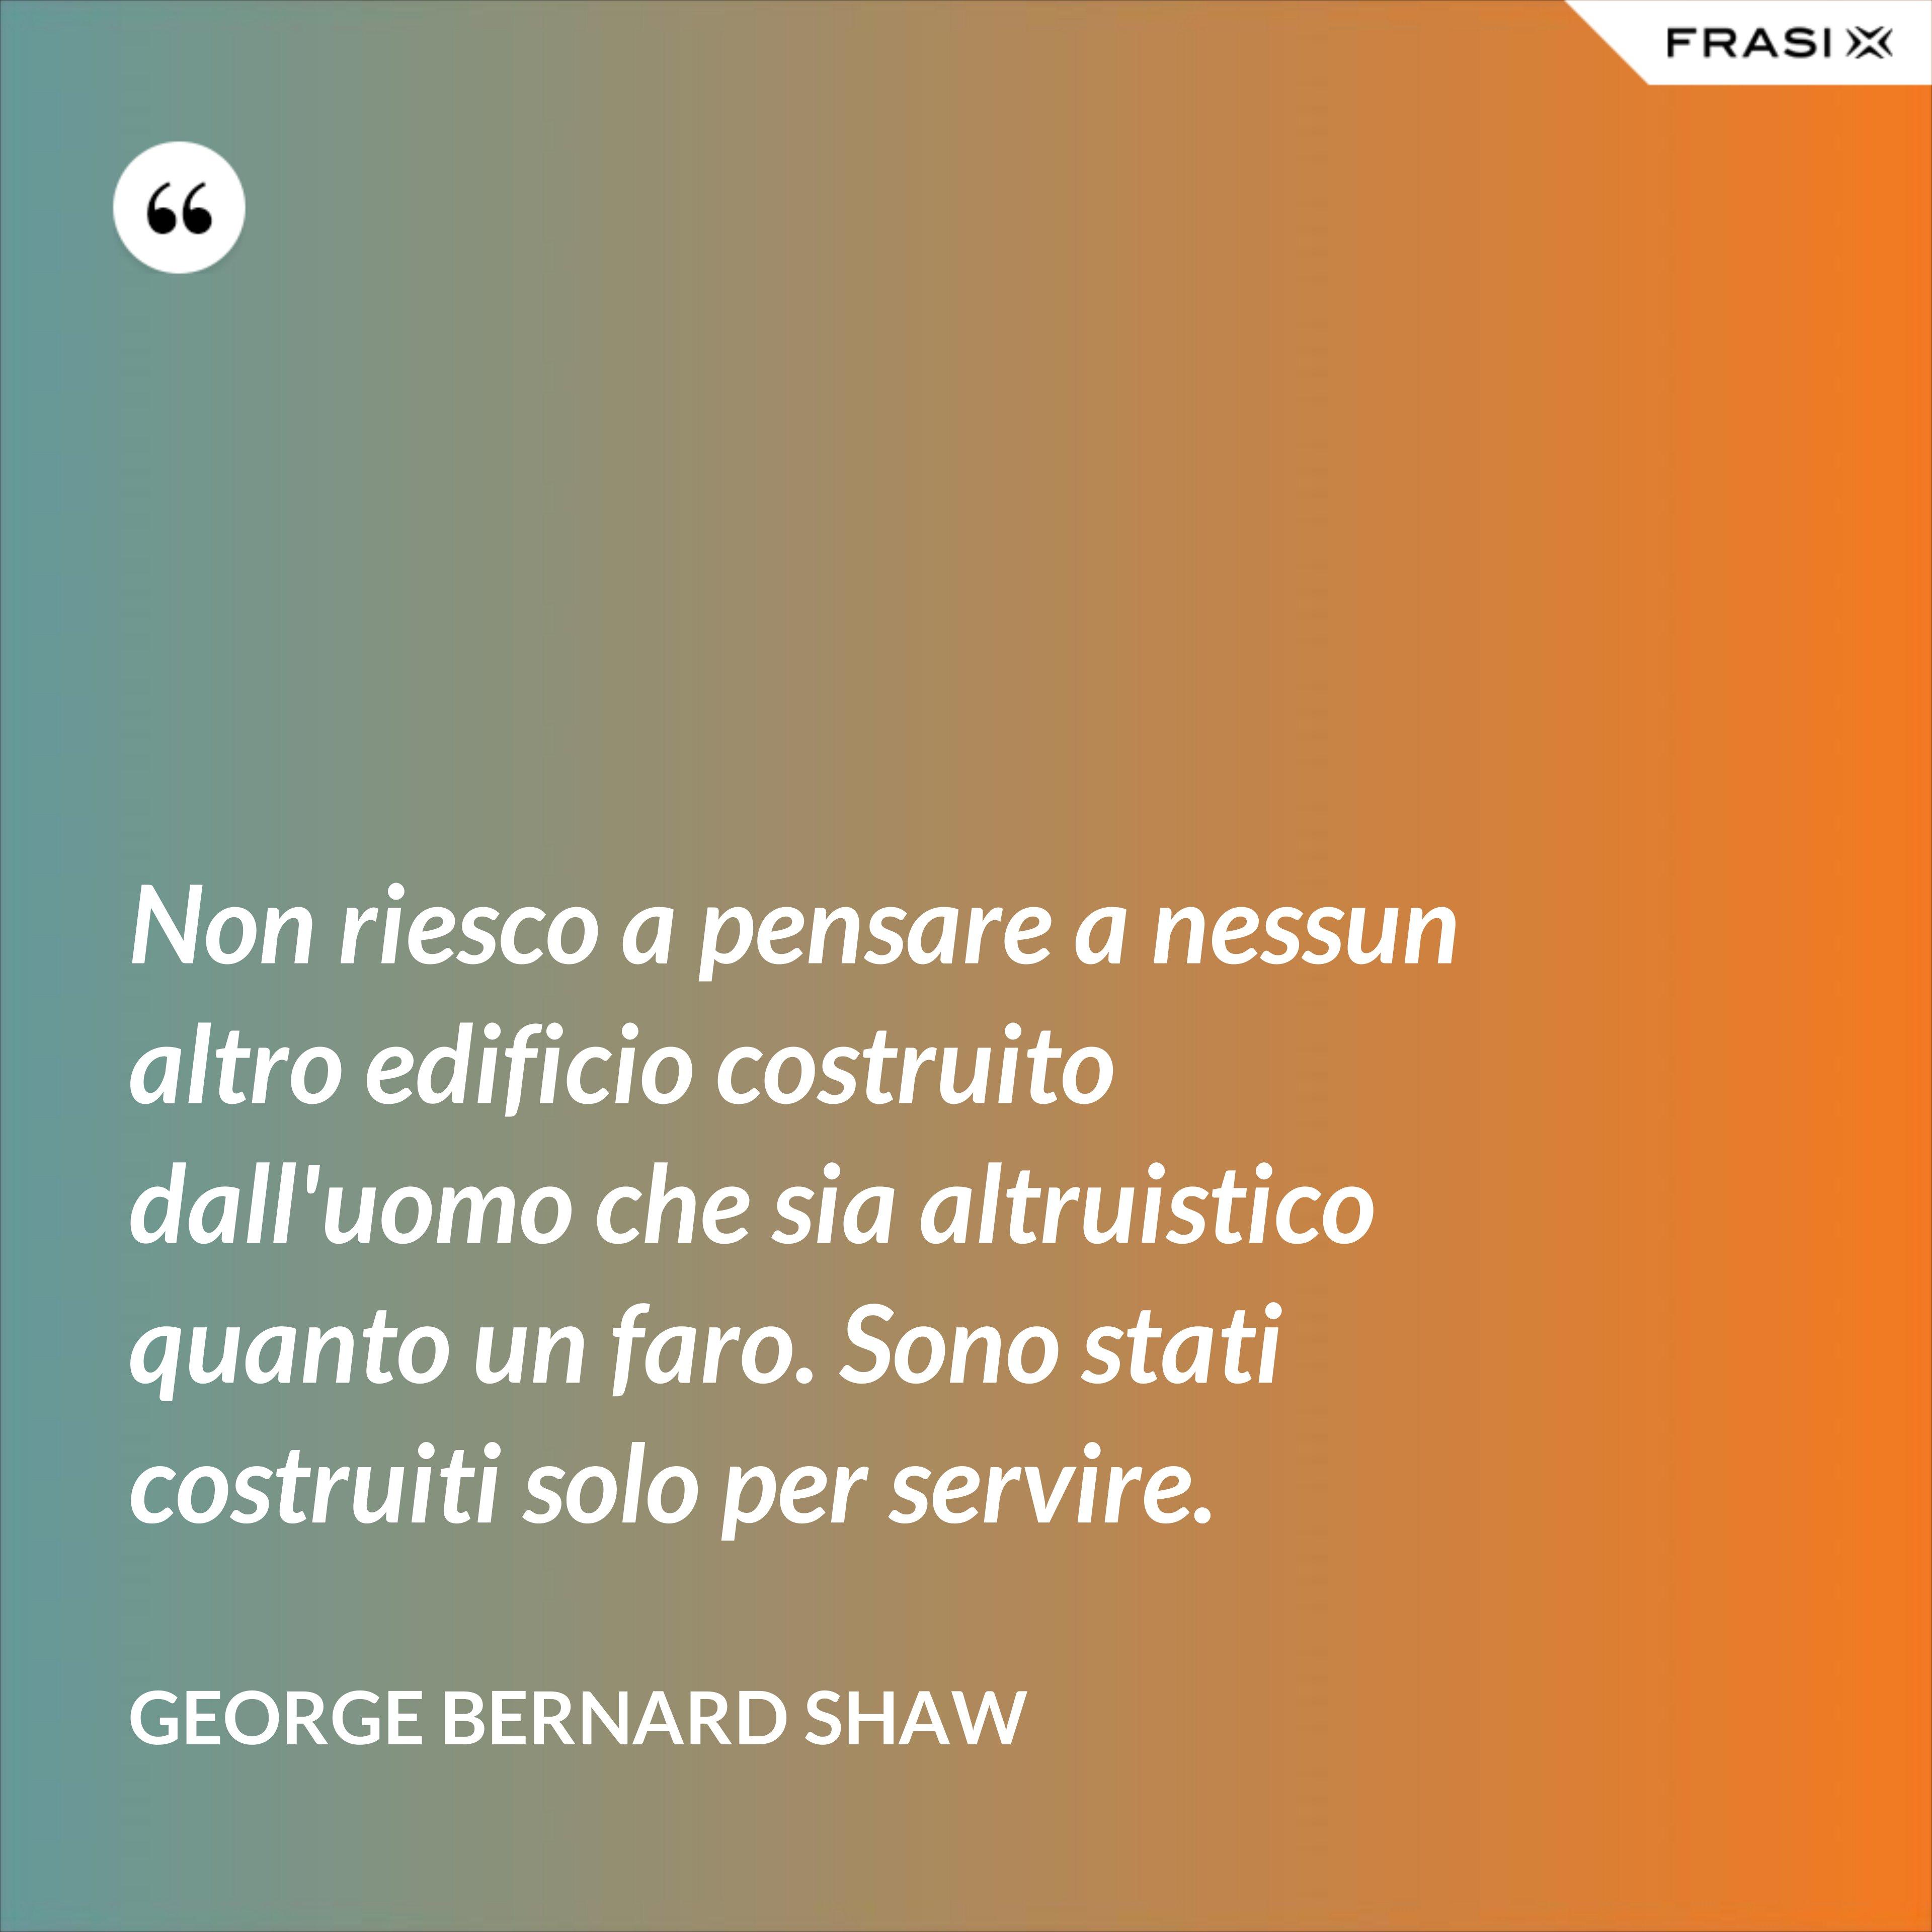 Non riesco a pensare a nessun altro edificio costruito dall'uomo che sia altruistico quanto un faro. Sono stati costruiti solo per servire. - George Bernard Shaw